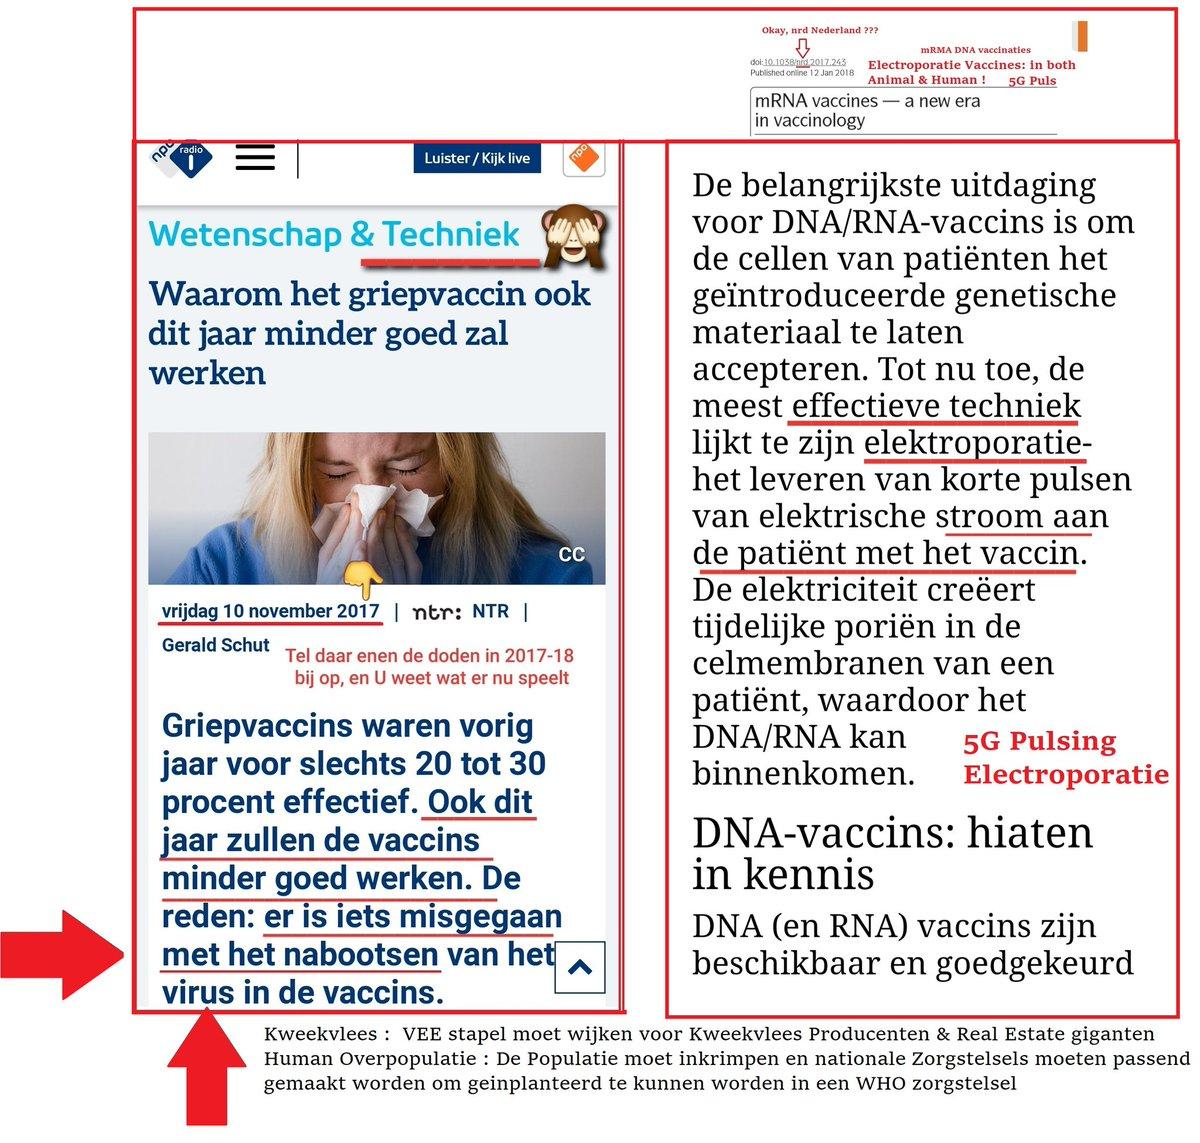 test Twitter Media - @Elisa59 Yep #Electroporation is oa ook een nieuwe experimentele vaccinatie Techniek met E M F - Pulsing  Opvallend: #Lupus onder jongere mensen maakt een opmars 😉  Maar ach, het zal wel tussen de oren zitten. PSY2020 https://t.co/FPC0whslNu